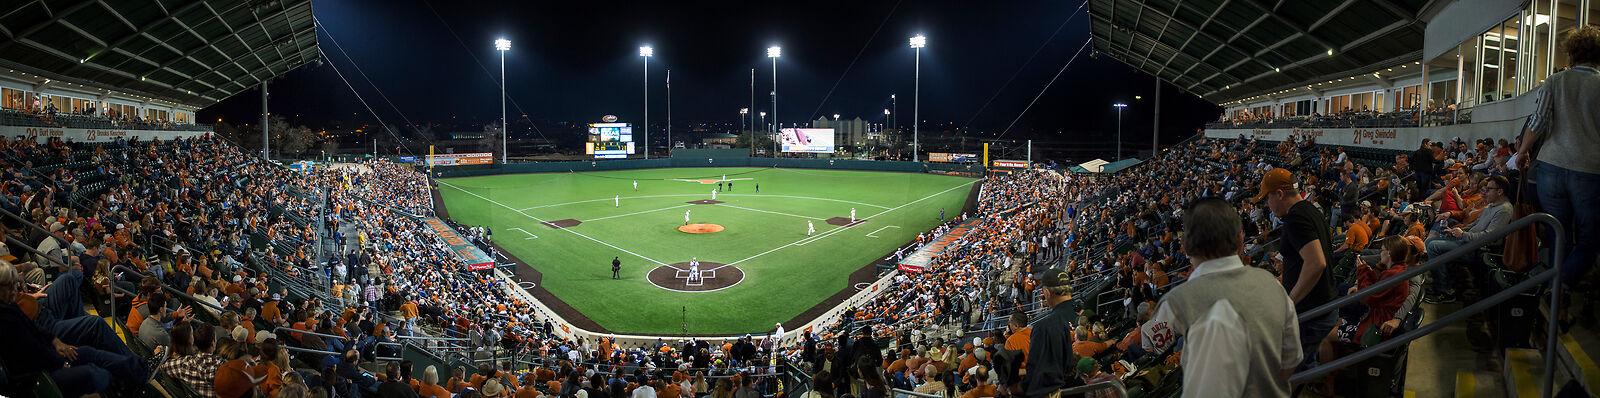 Sam Houston State Bearkats at Texas Longhorns Baseball